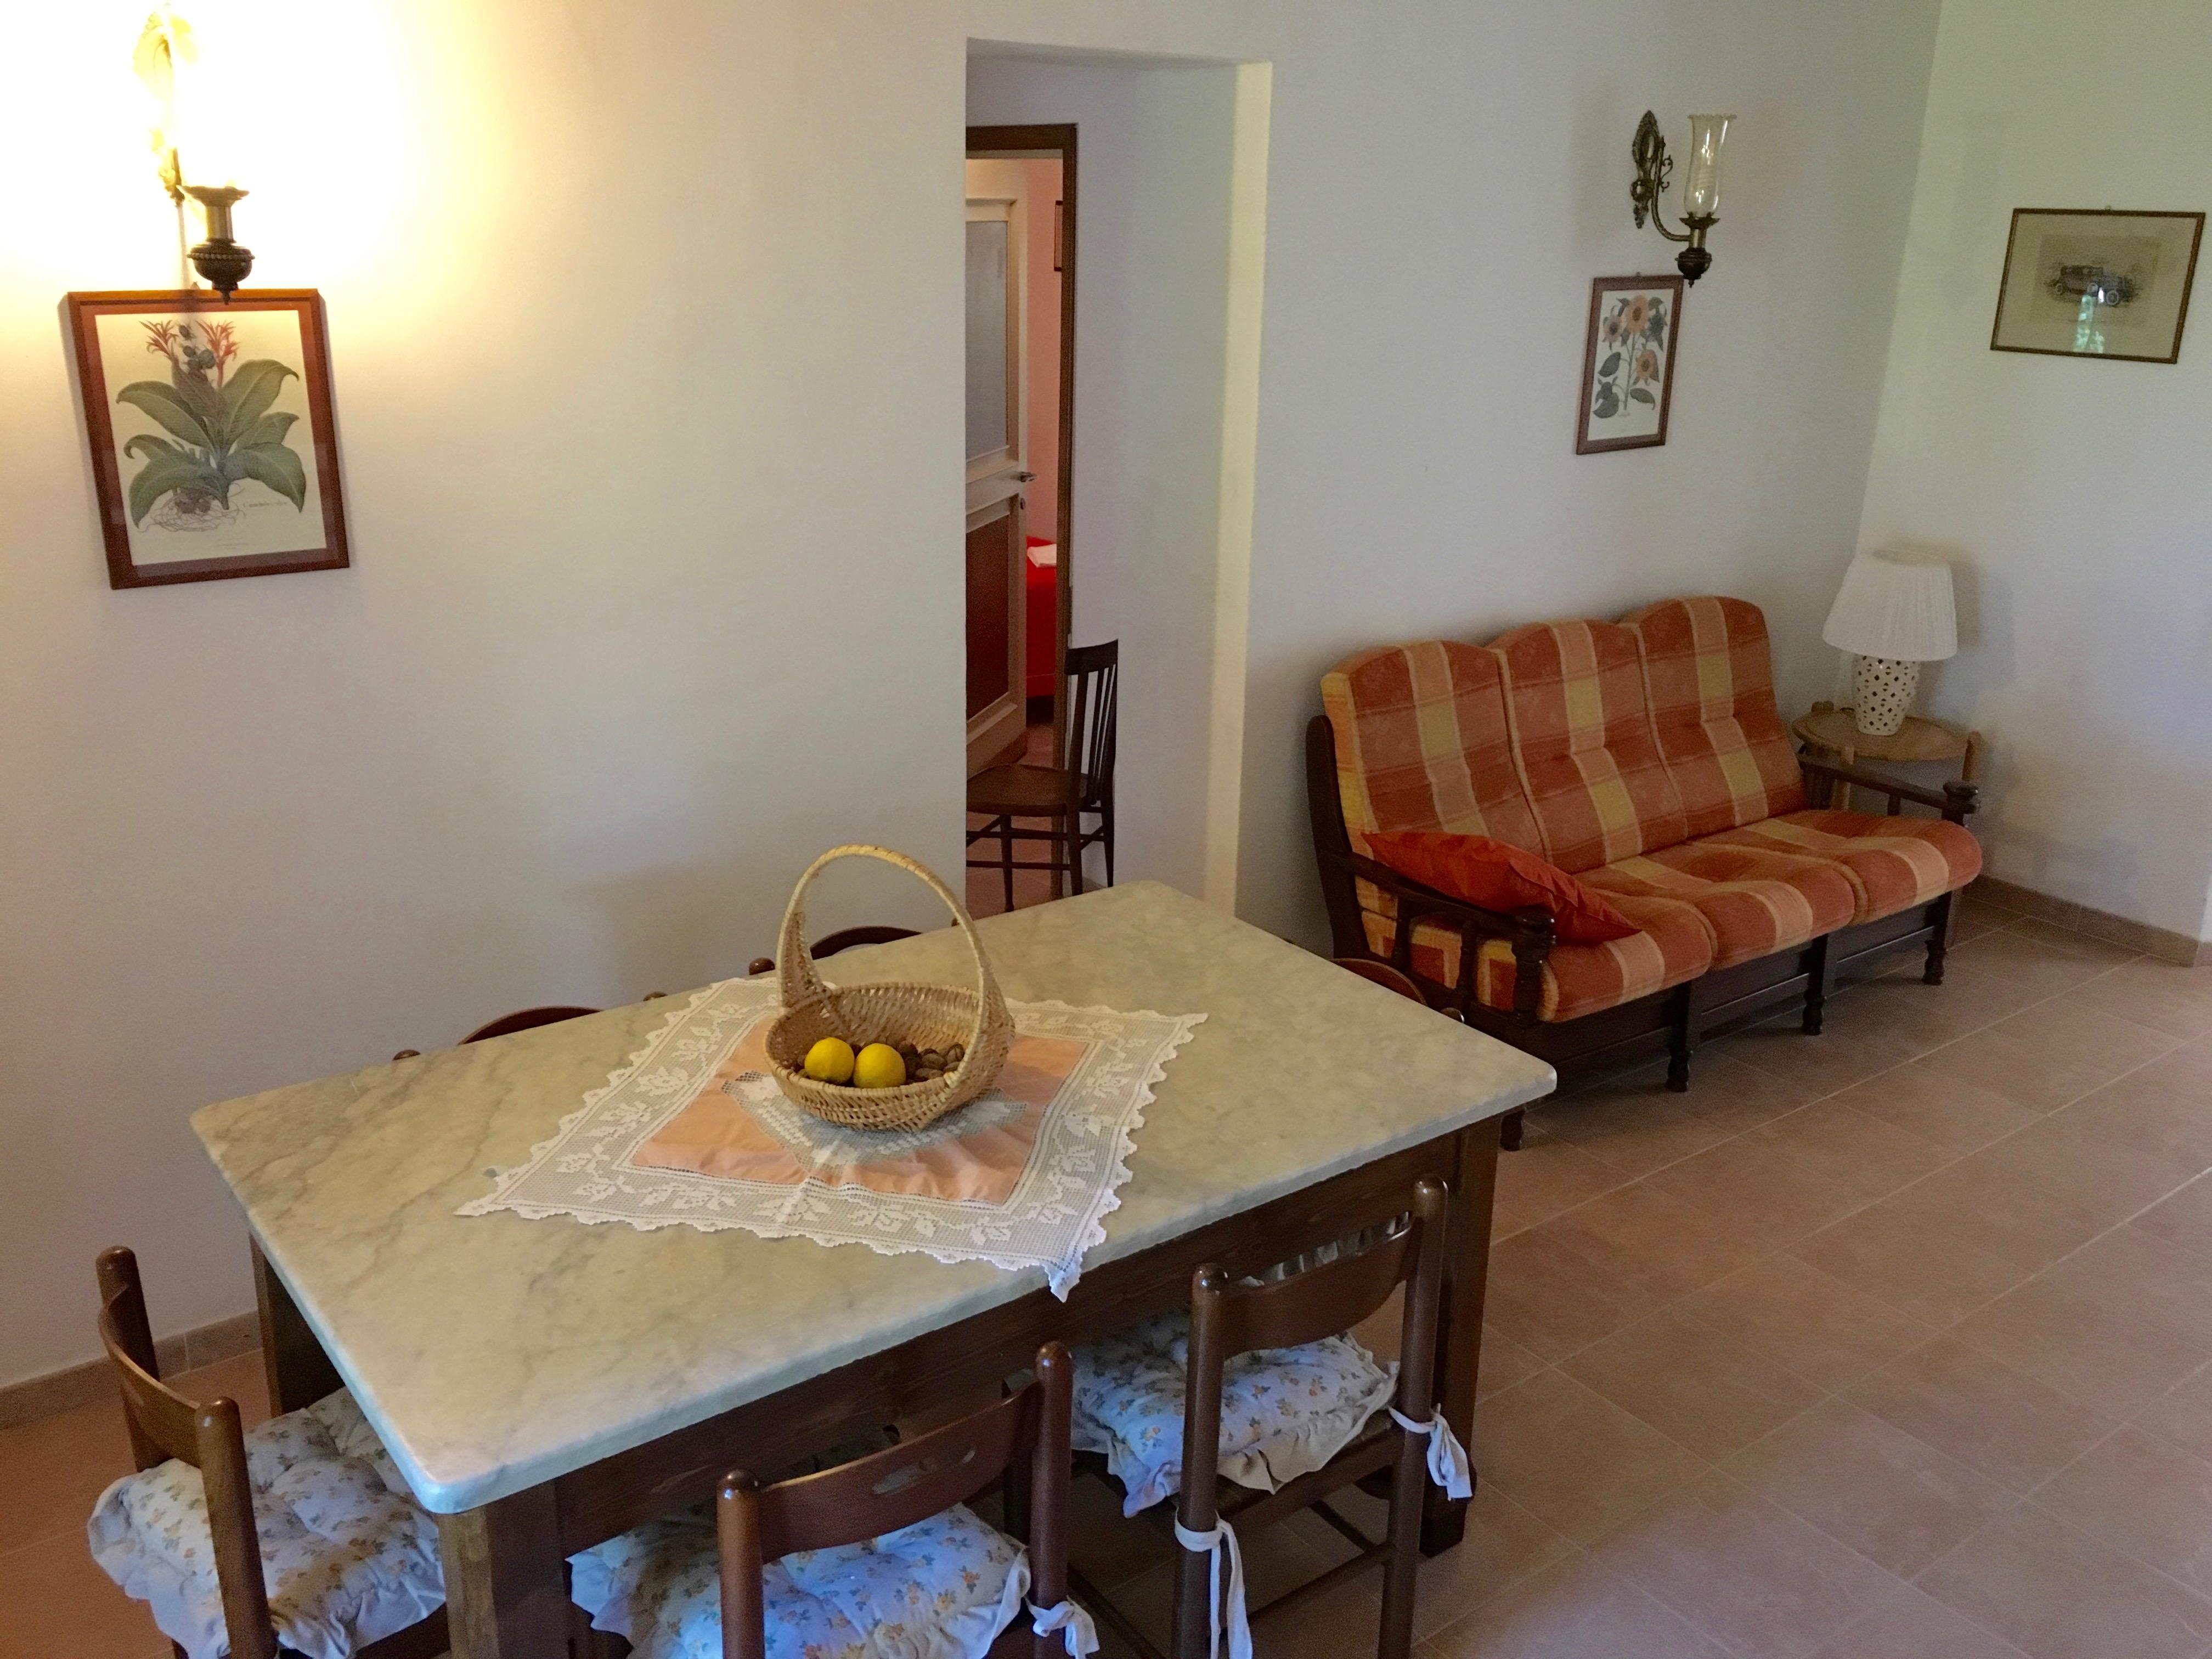 Casal Taccone appartamento gli usignoli soggiorno